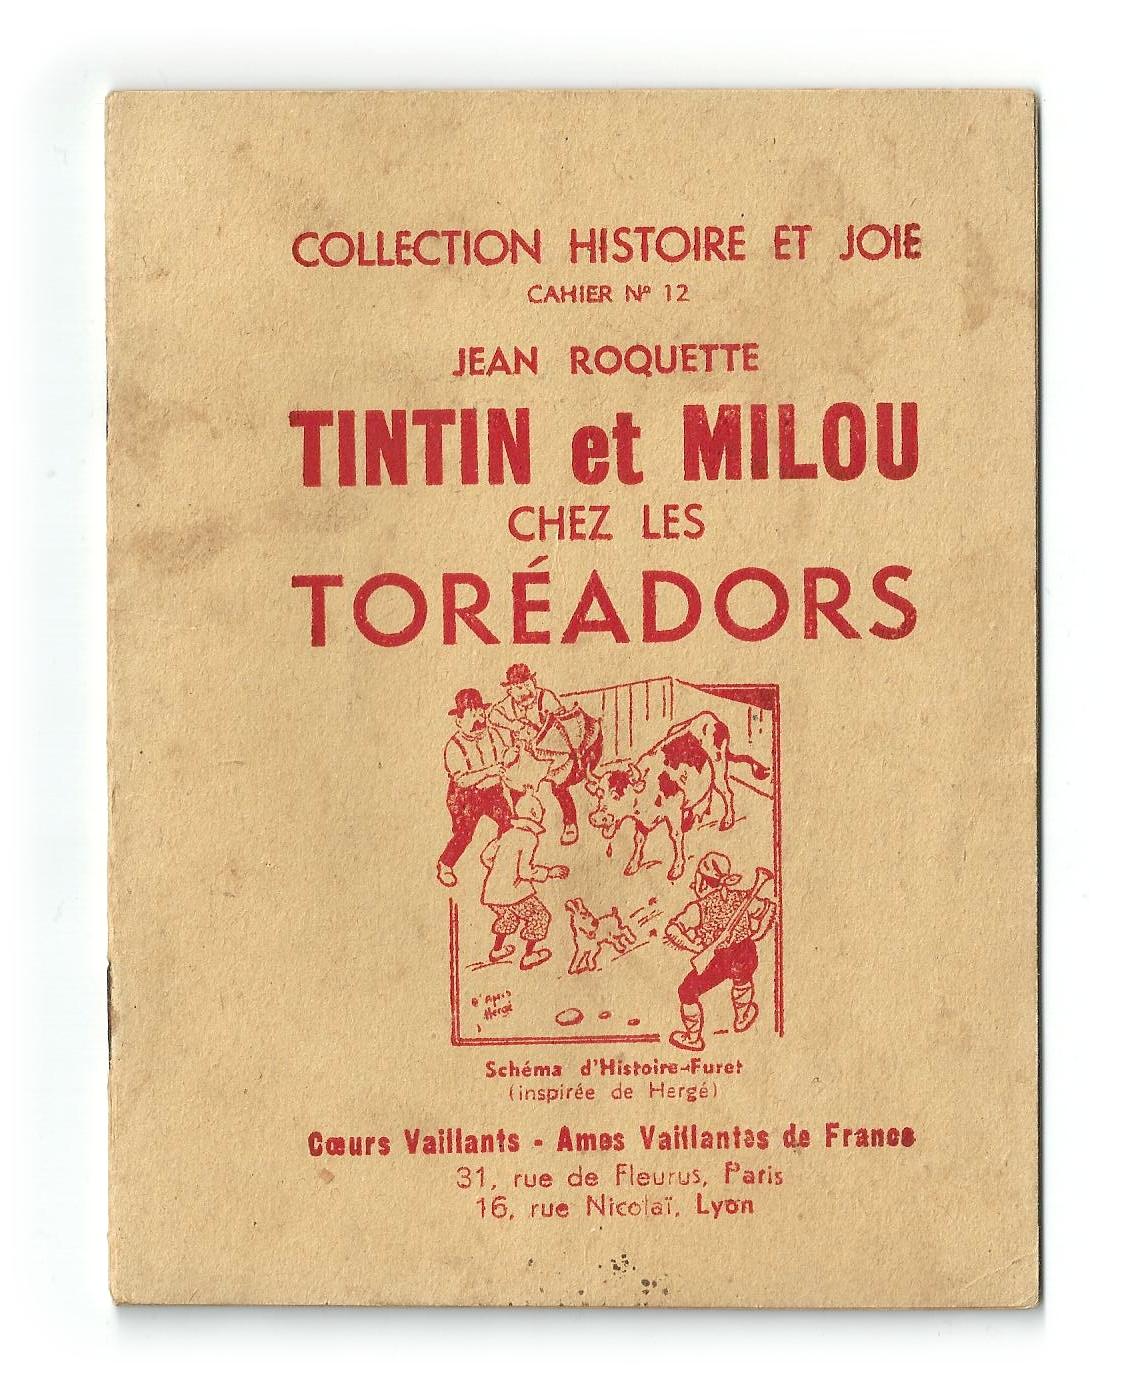 Tintin et Milou Tintin Tintin et Milou